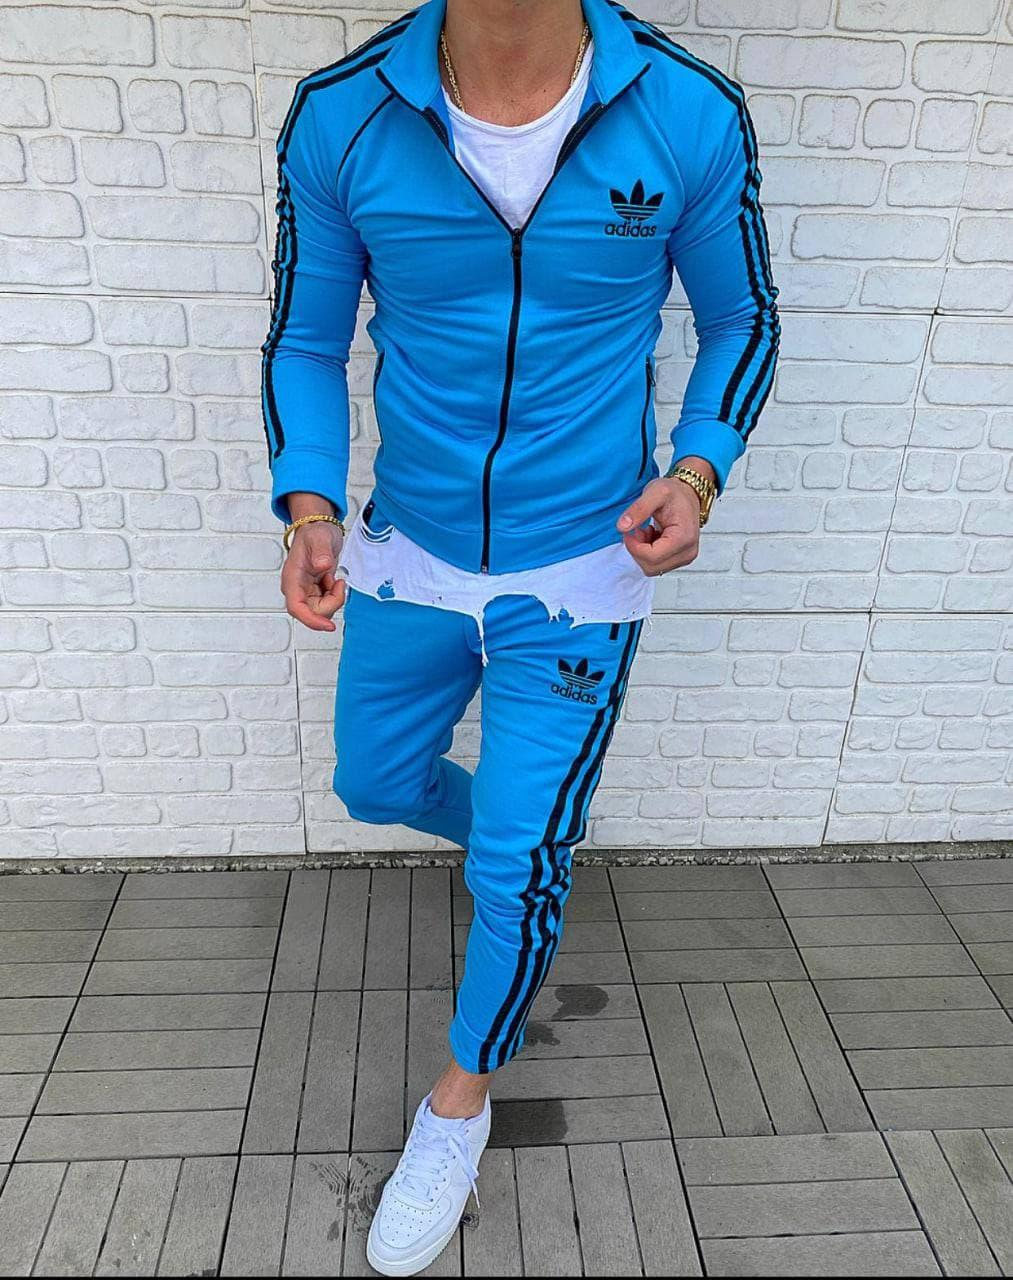 Спортивний костюм чоловічий адідас синього кольору adidas блакитний кофта+штани чоловічий одяг